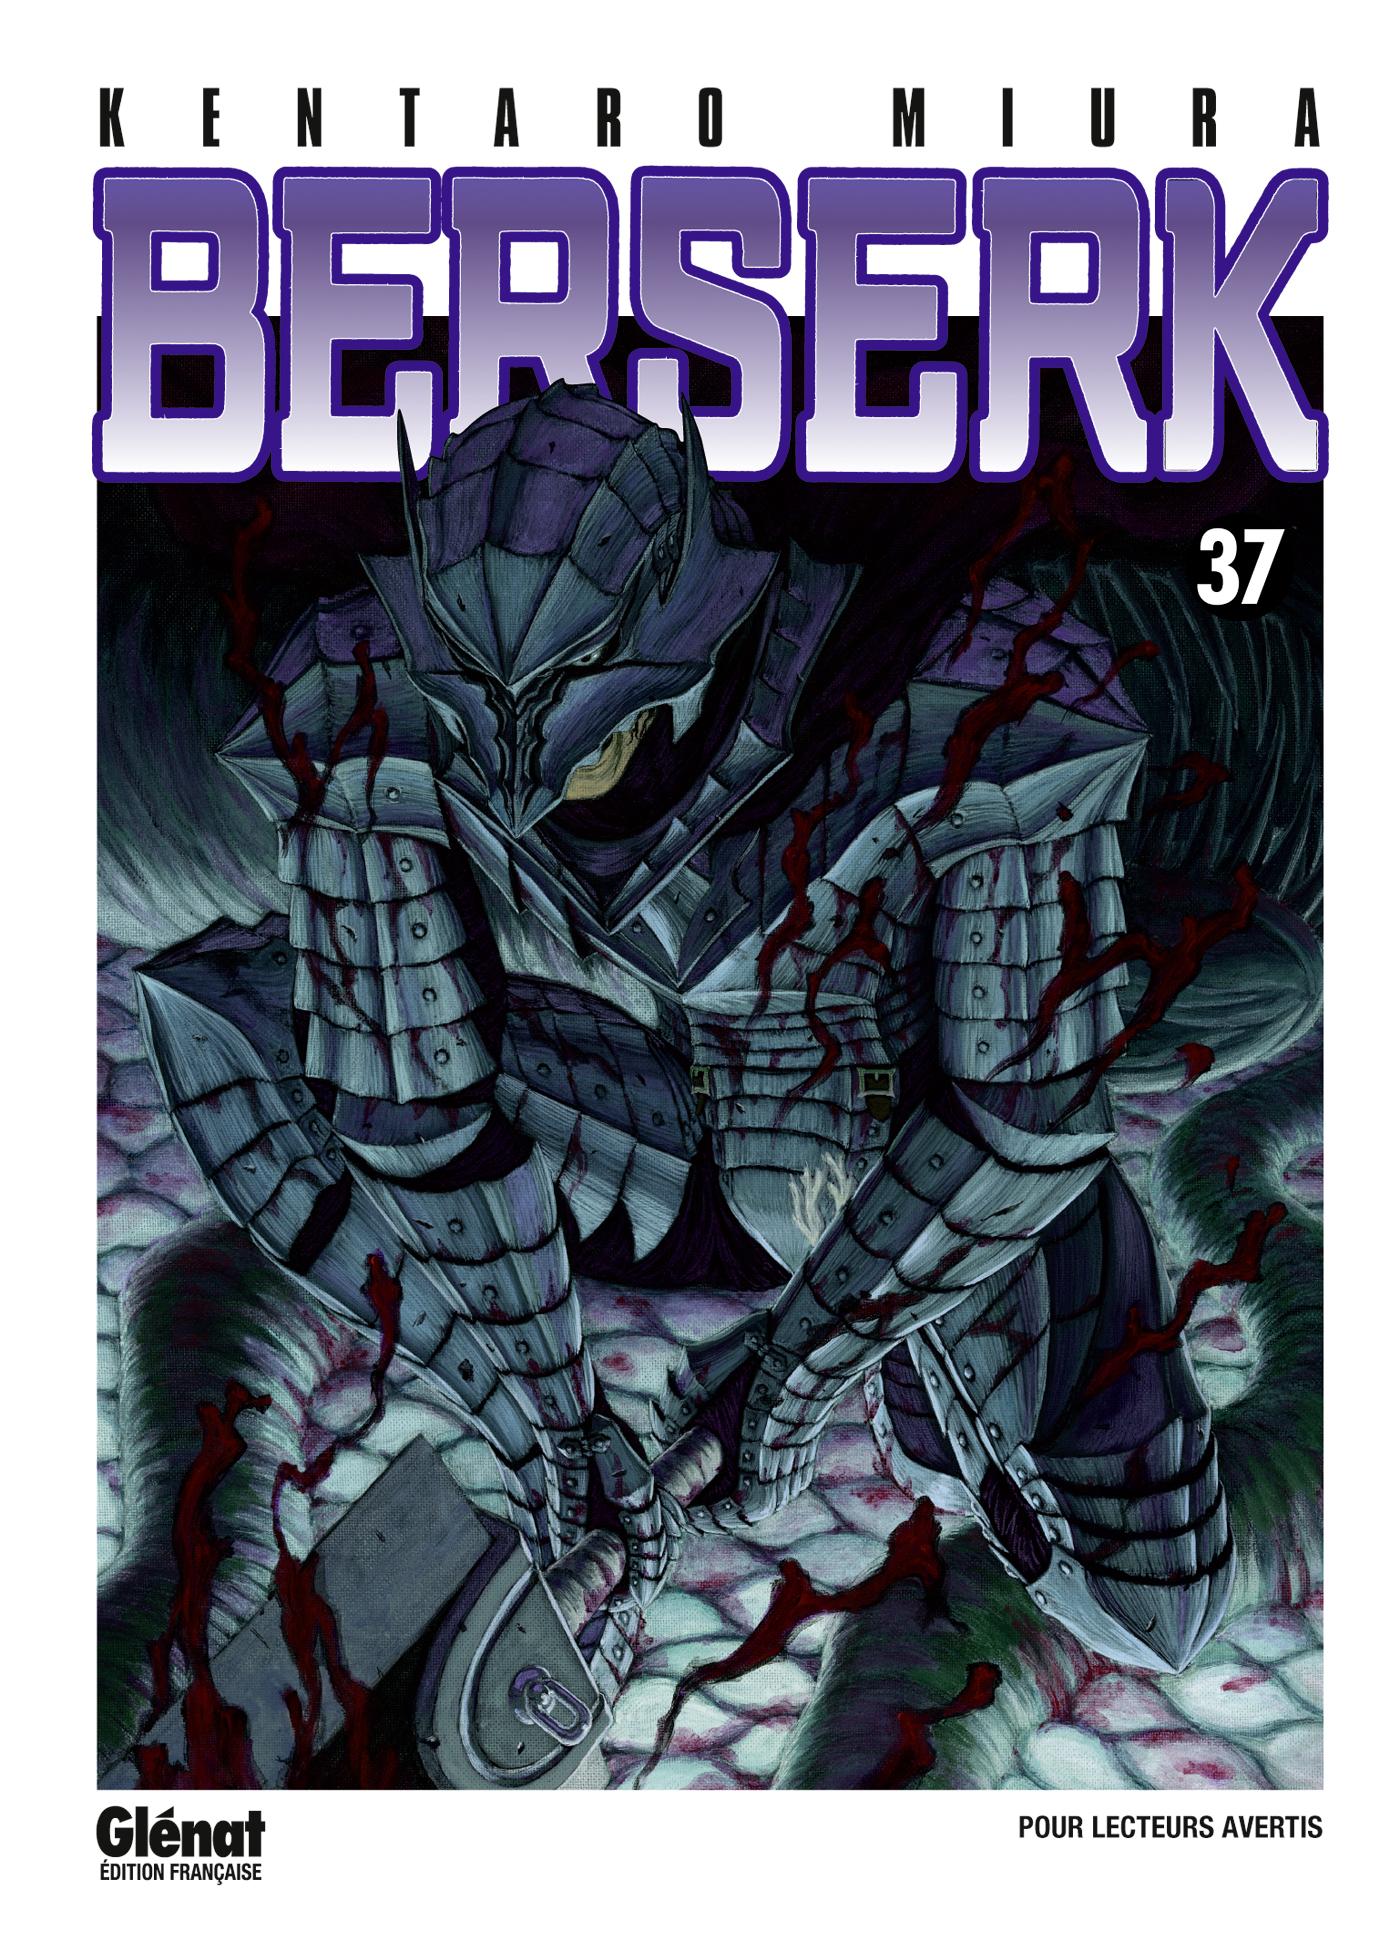 Une nouvelle pause de Berserk a été annoncée